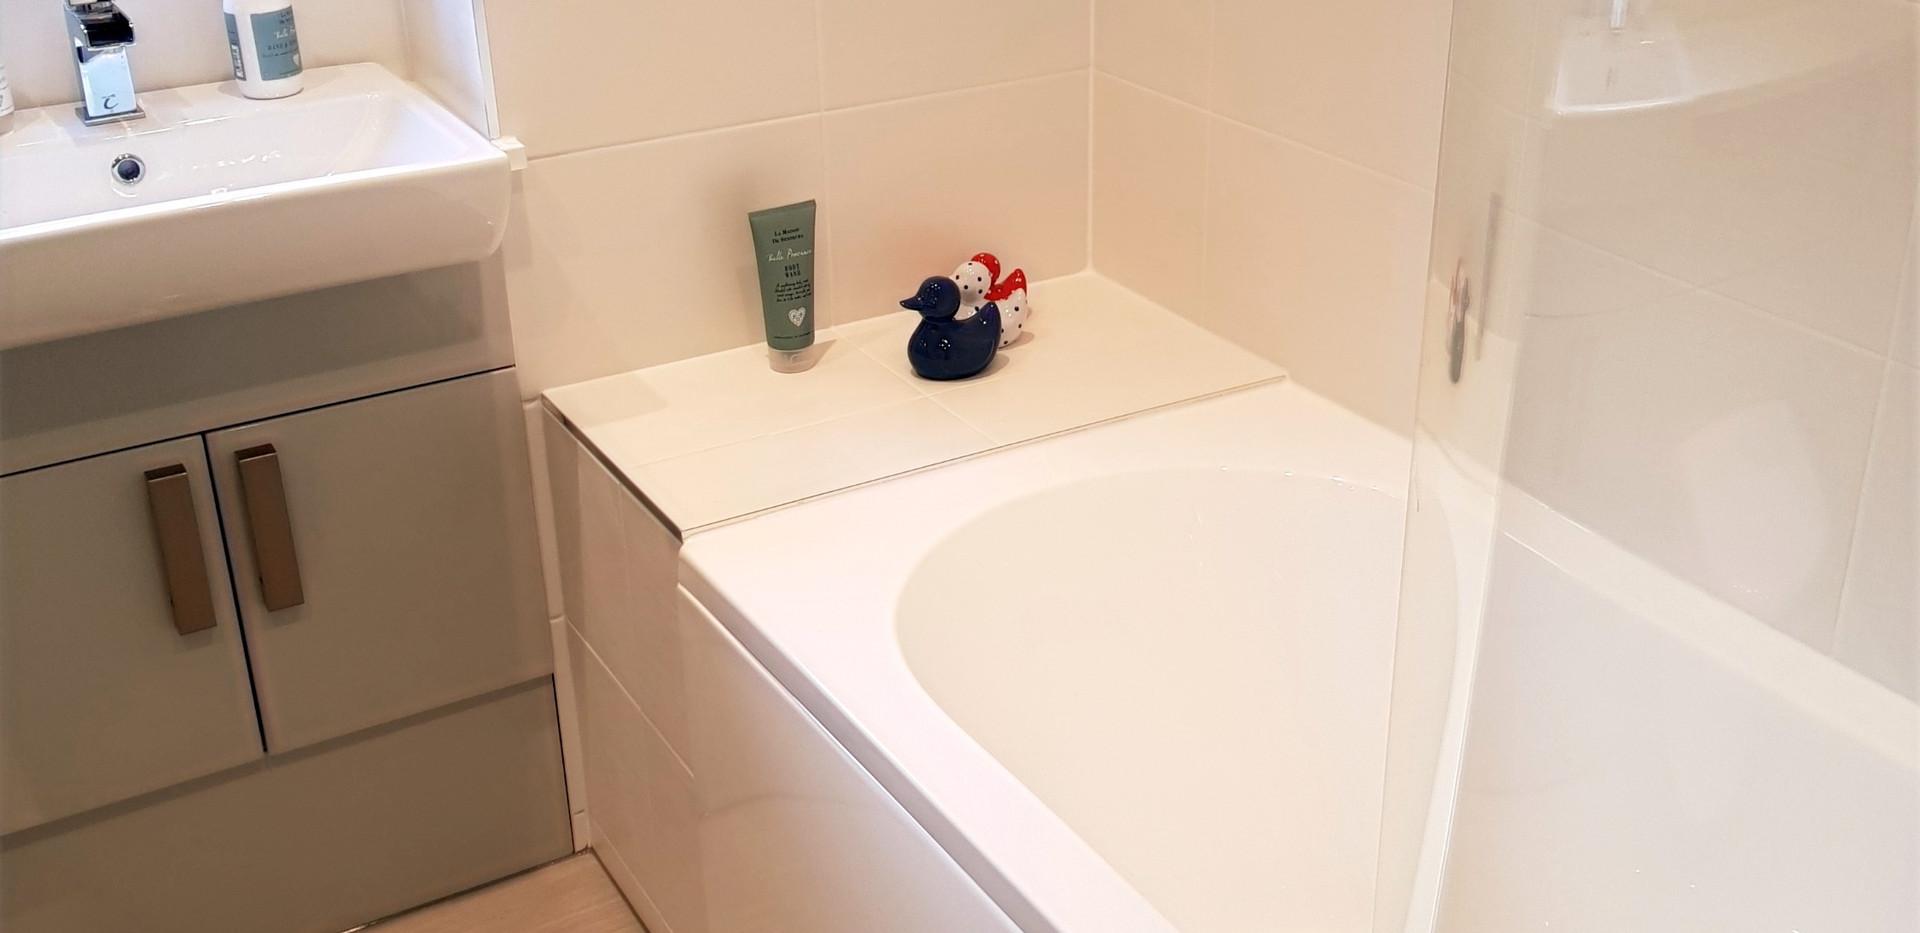 Bathroom D bath sink unit flooring tiling